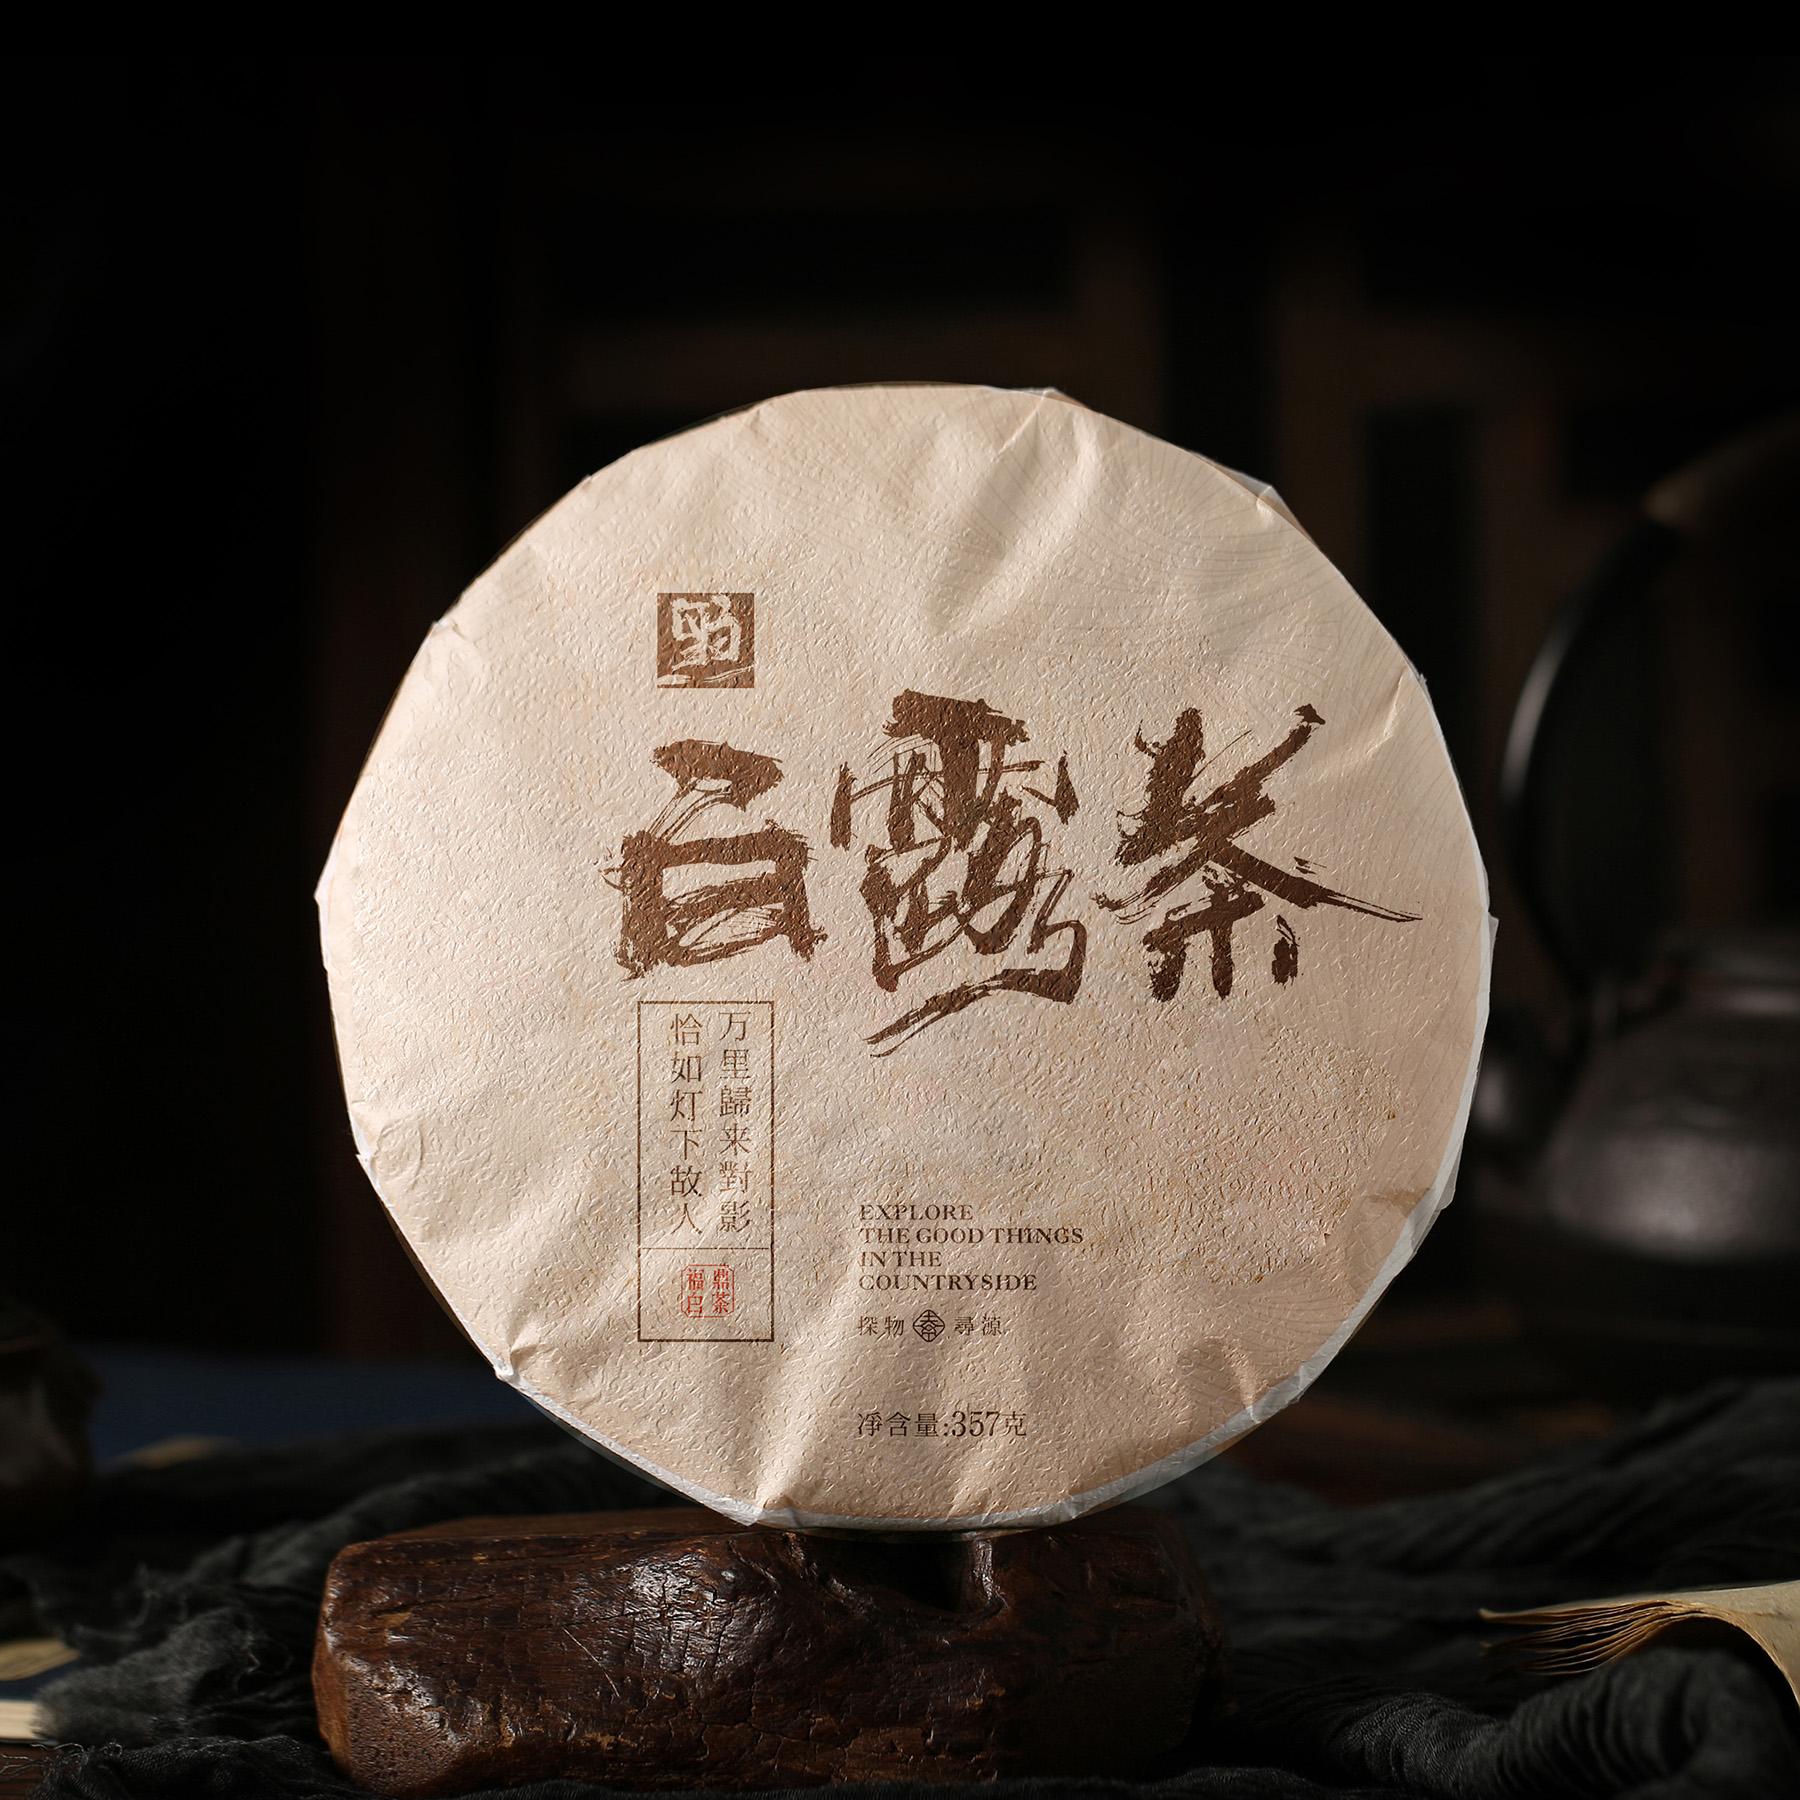 拯救辣眼茶包装计划 / 概念包装 / 福鼎白茶篇